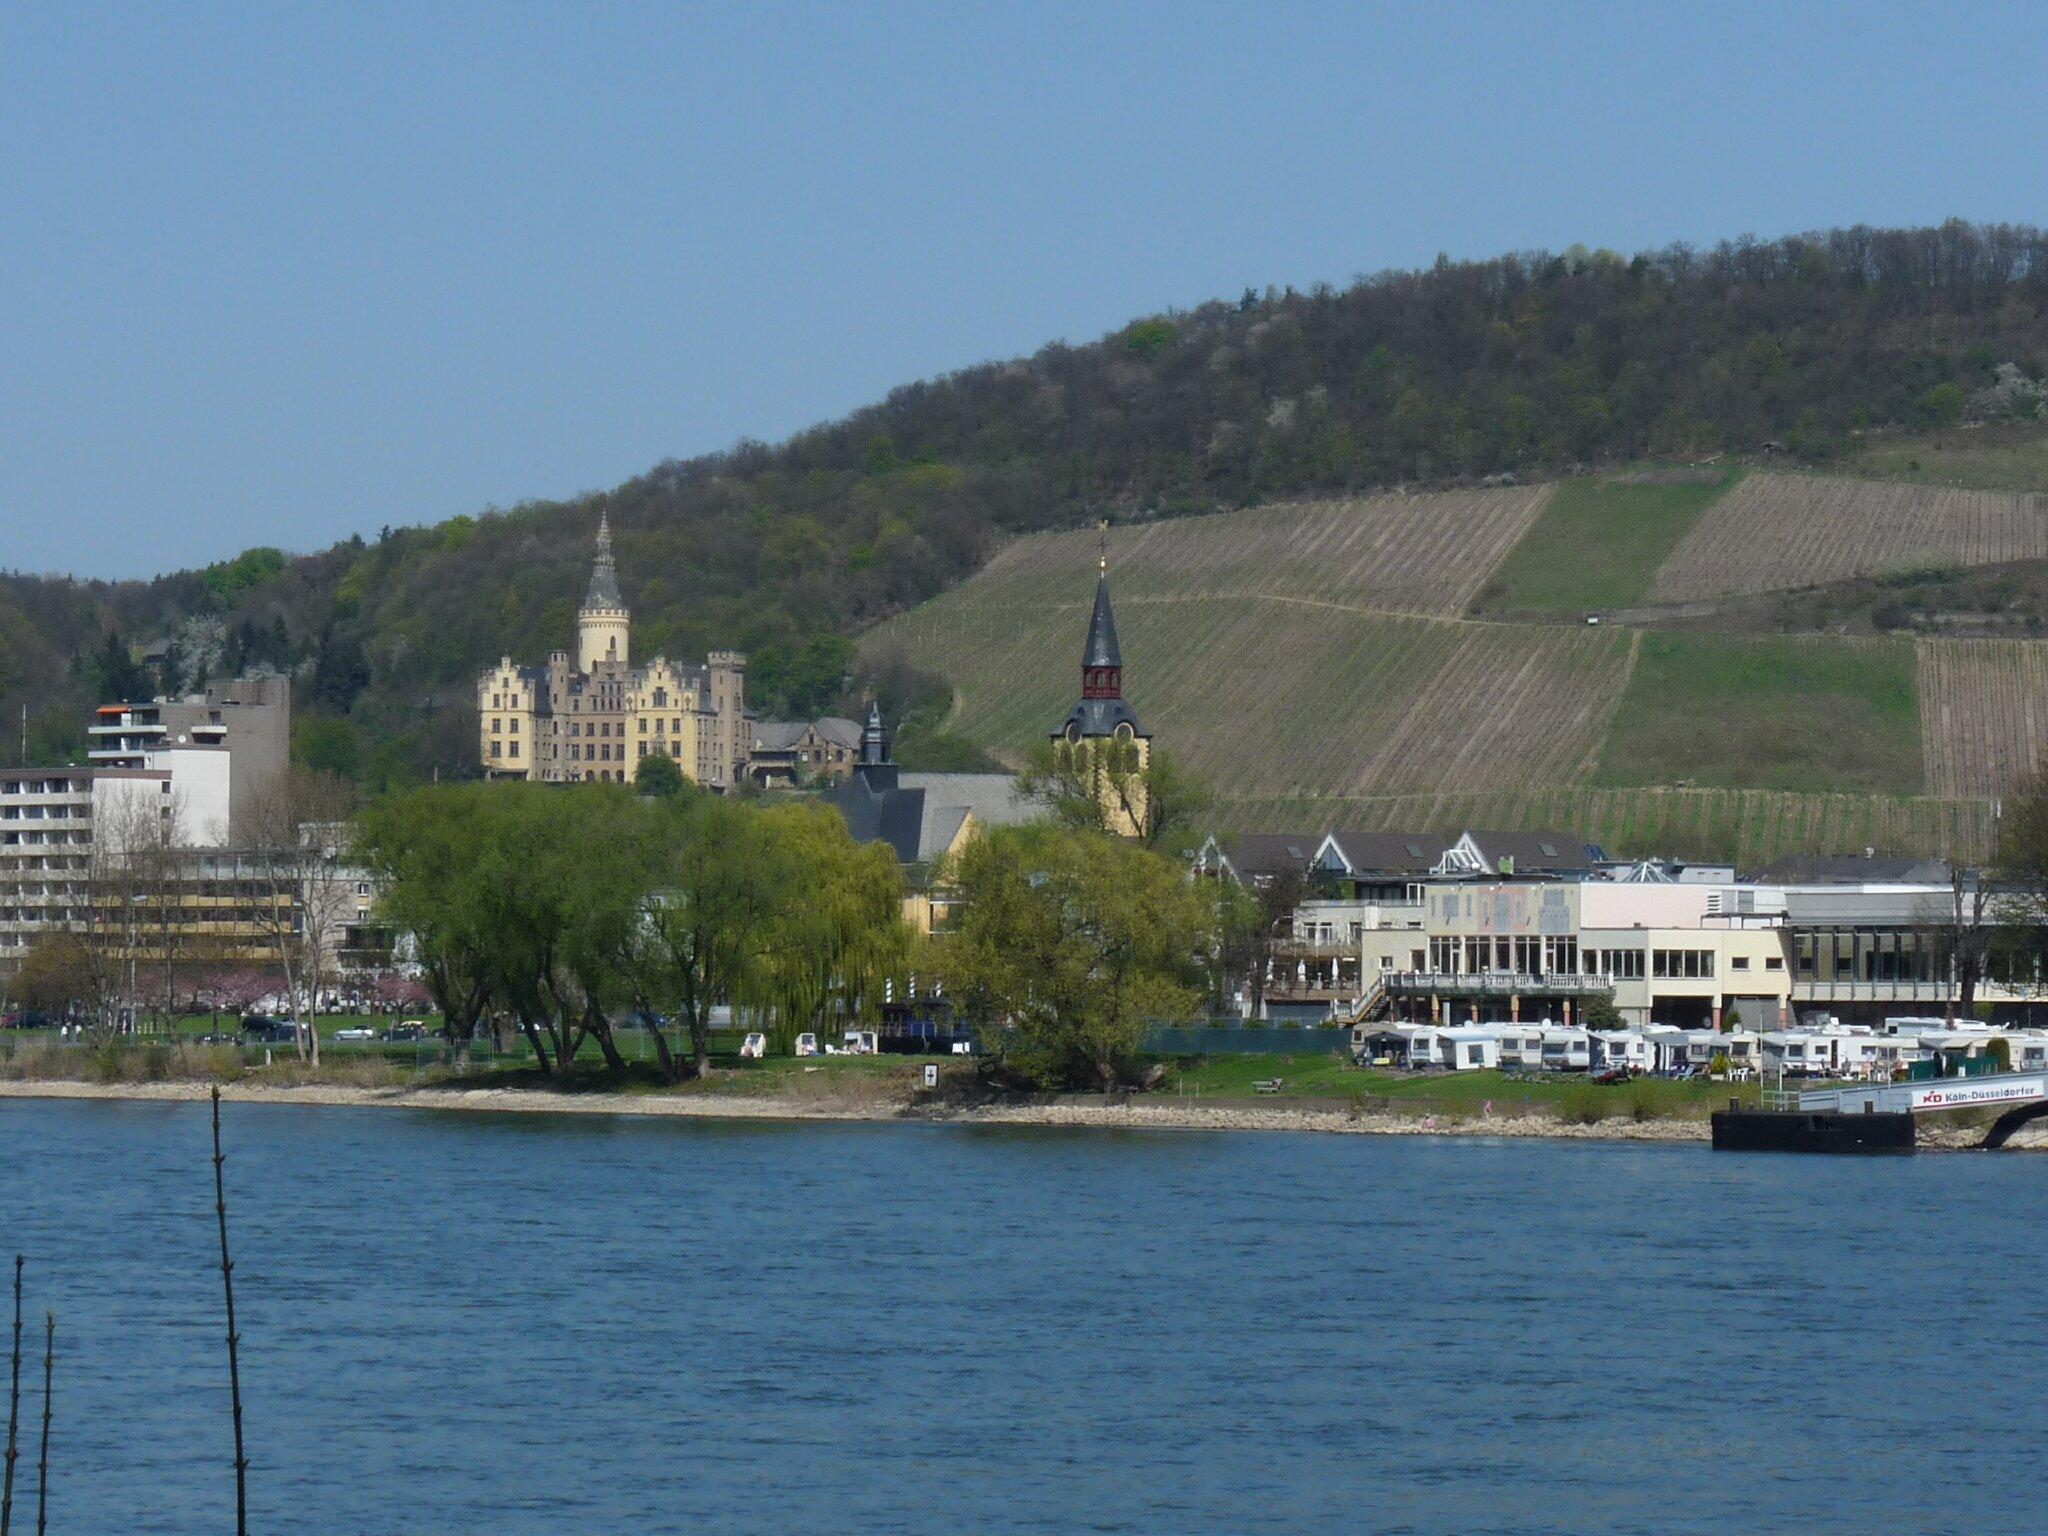 Blick auf Schloss Ahrenfels